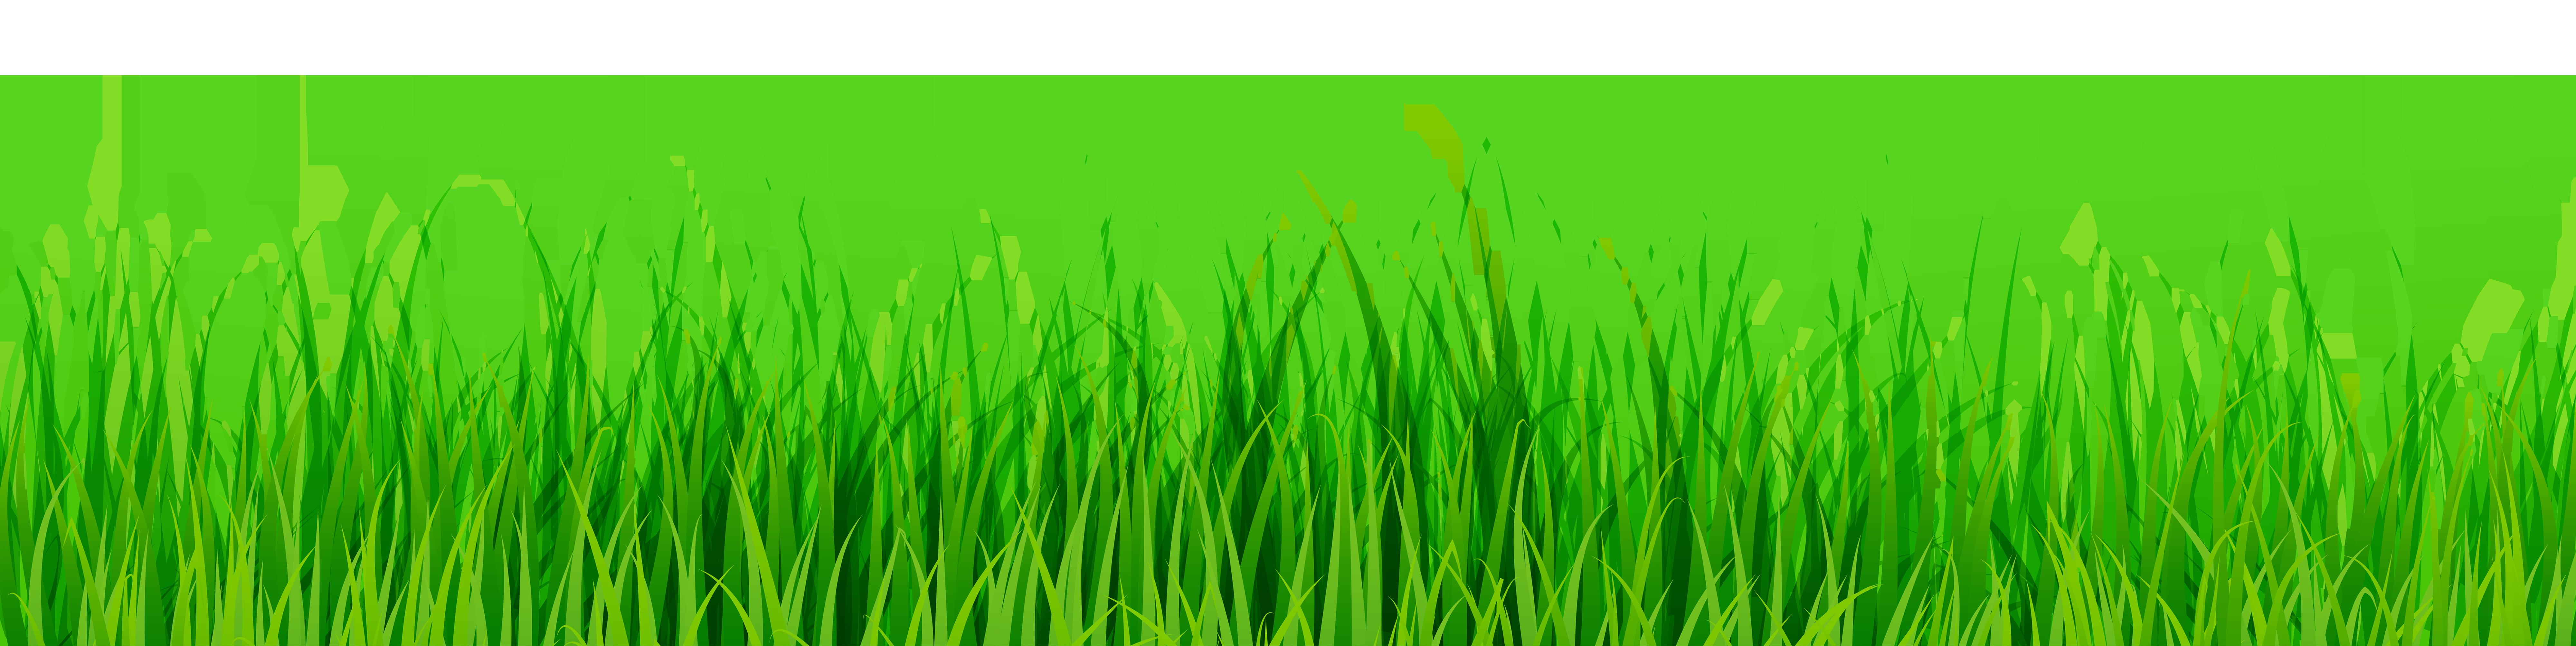 Grass sun clipart clipart library green grass clipart grass clipart - Clip Art. Net clipart library